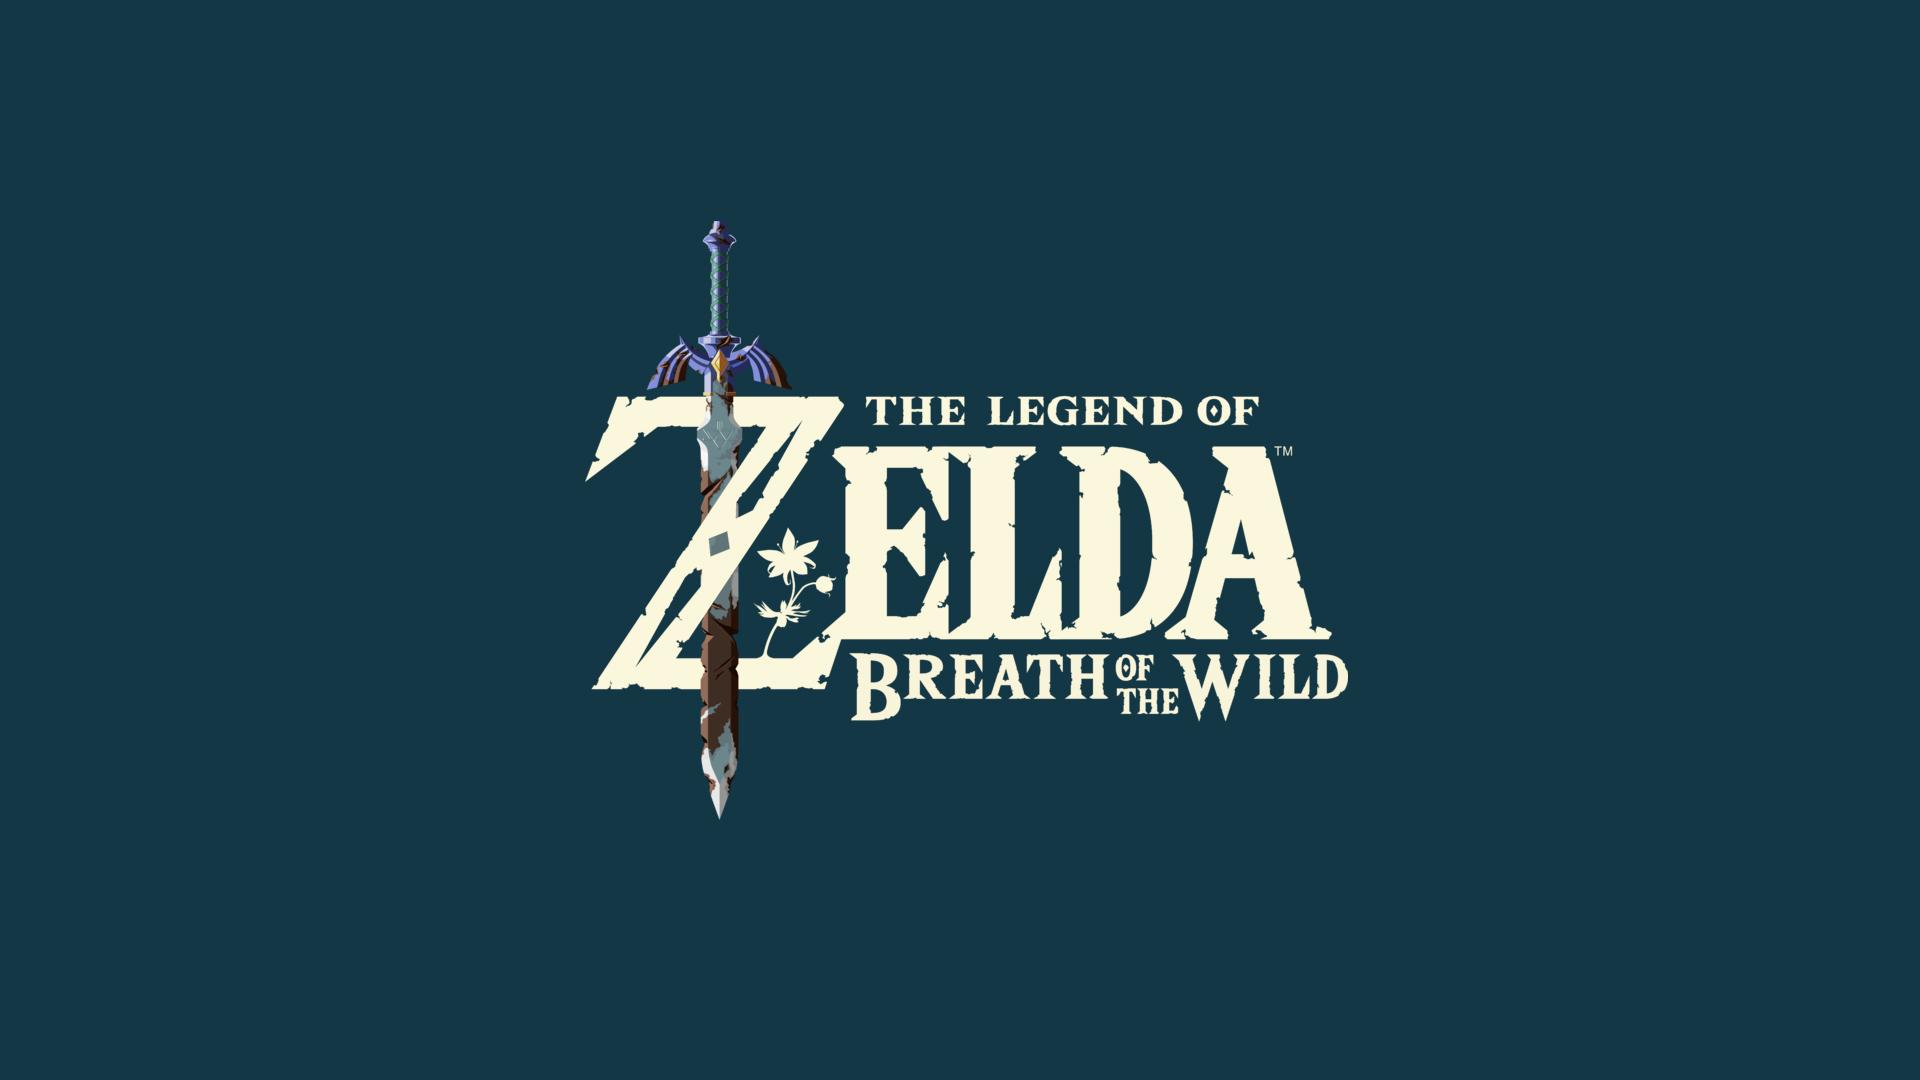 Fondos de The Legend Of Zelda Breath Of The Wild, Wallpapers